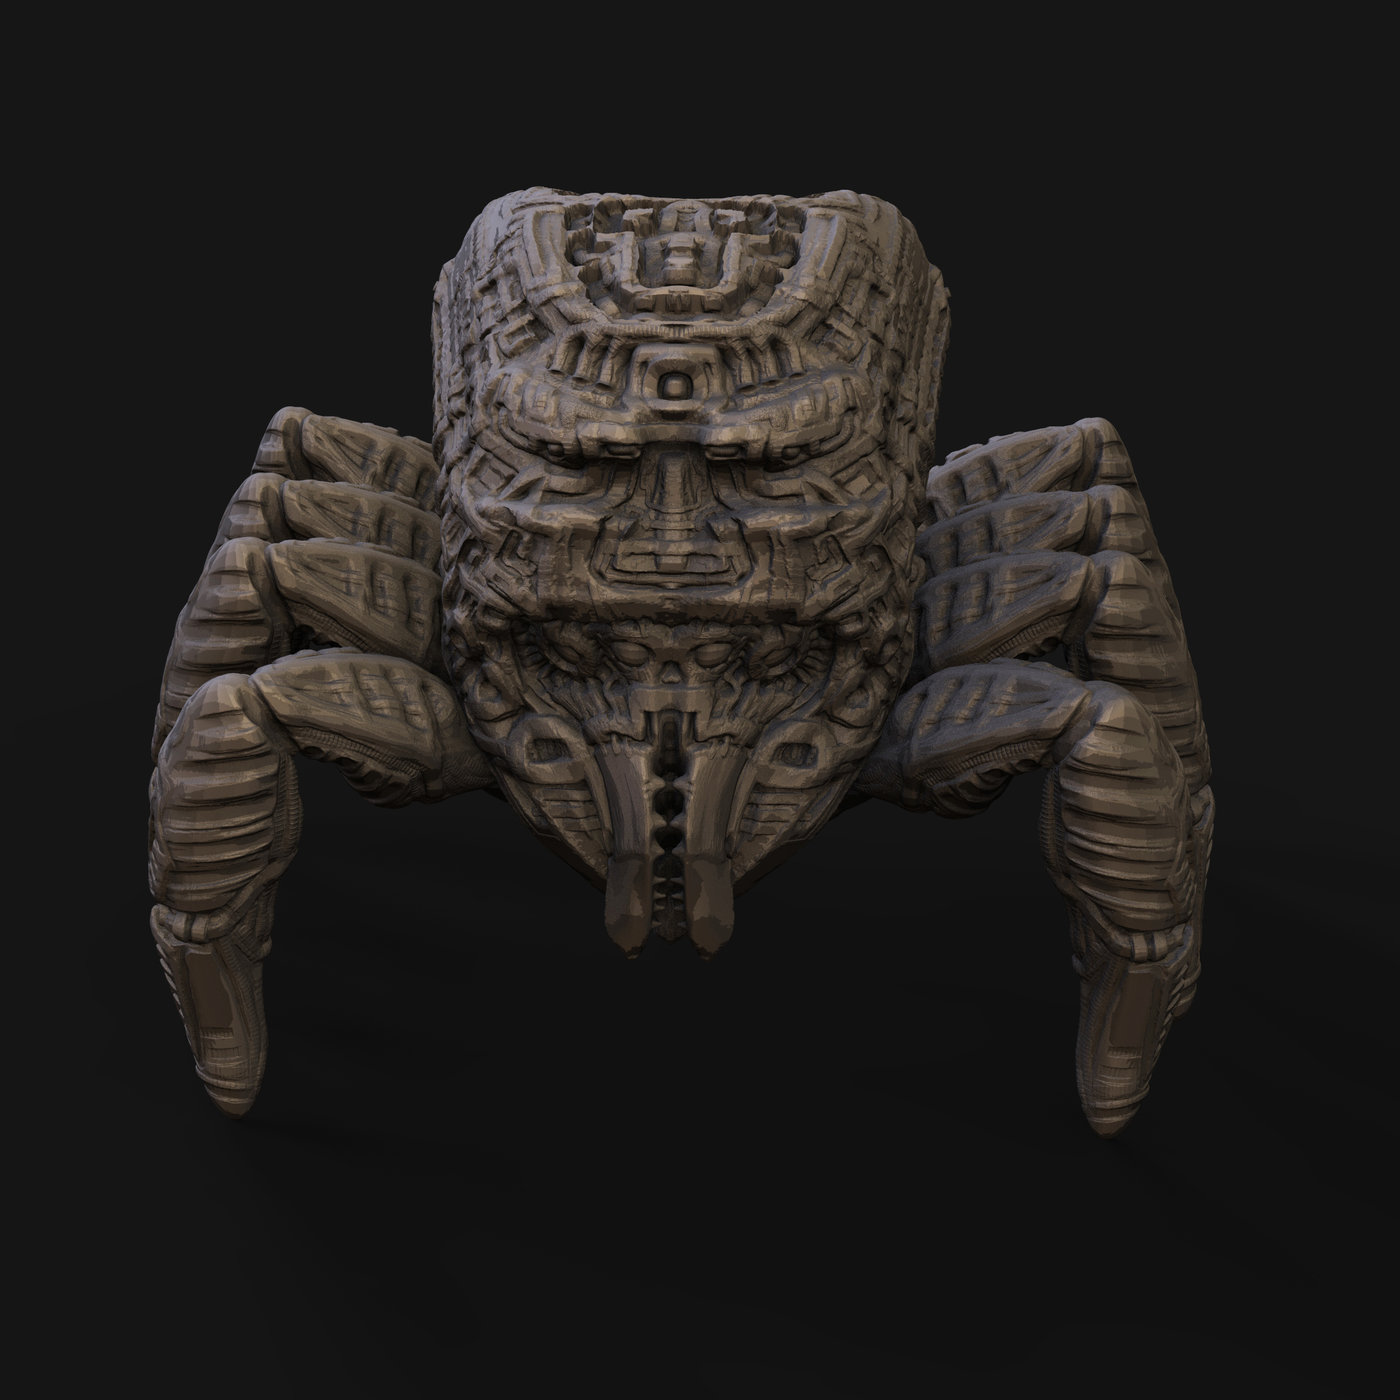 Techno Arachnide